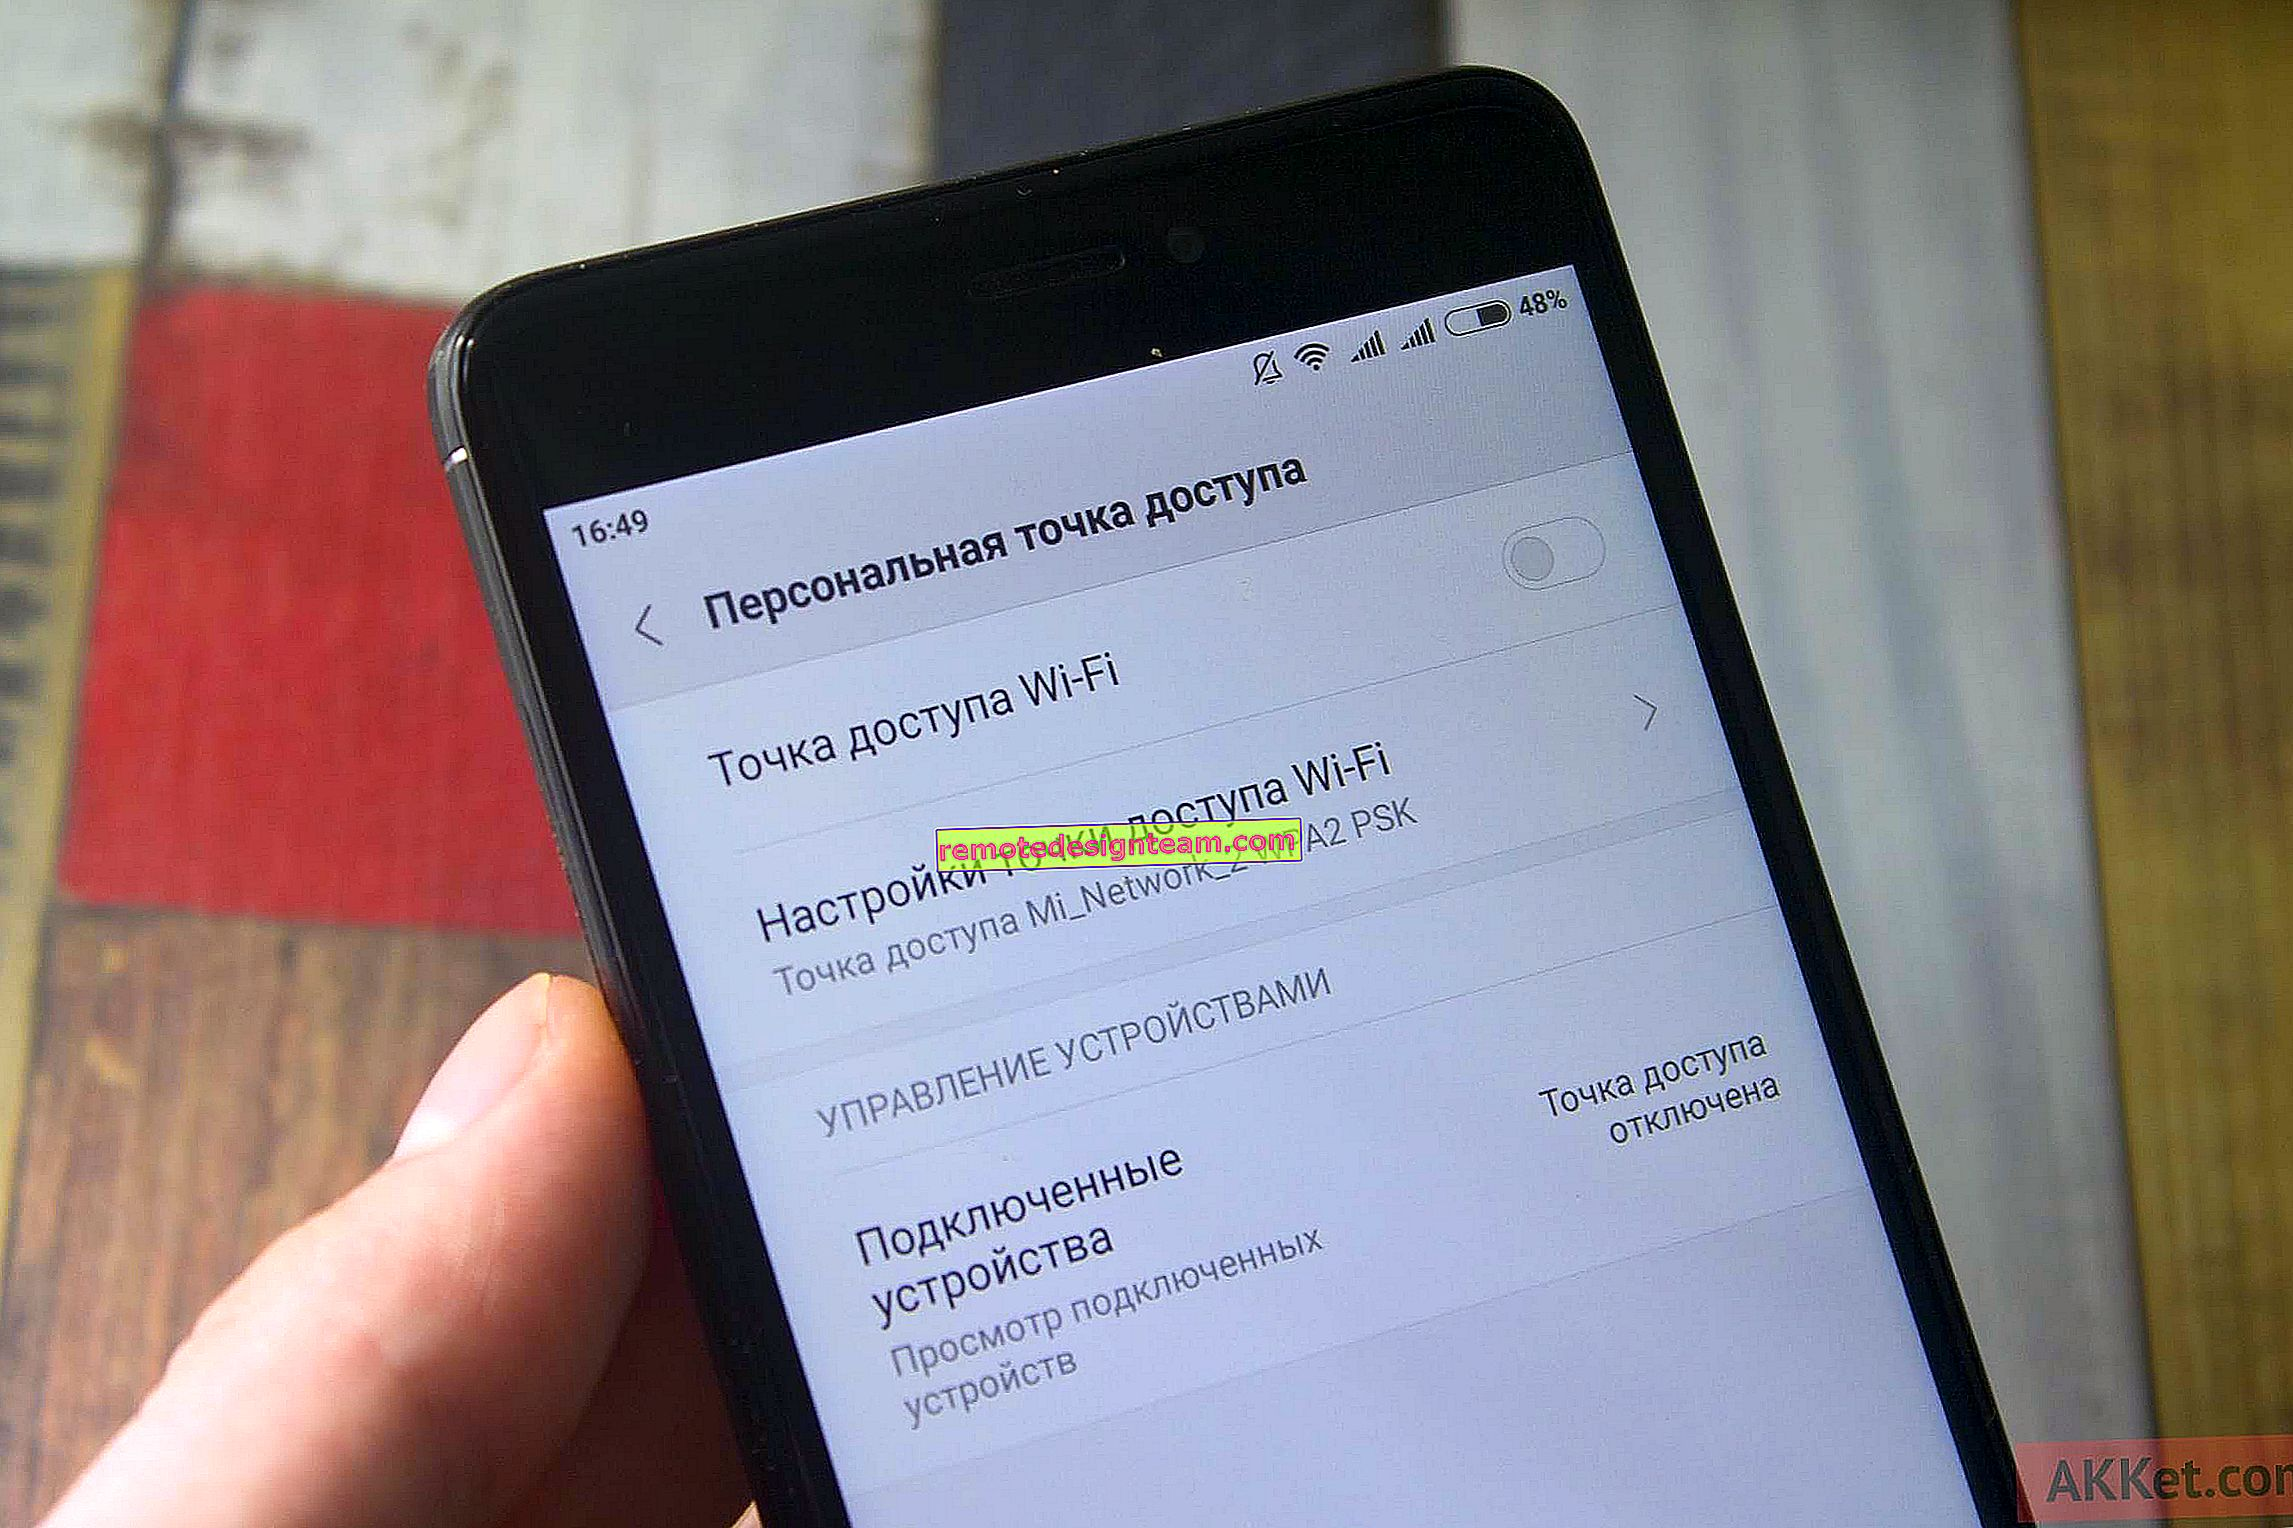 วิธีเผยแพร่อินเทอร์เน็ตผ่าน Wi-Fi บนสมาร์ทโฟน Android Meizu